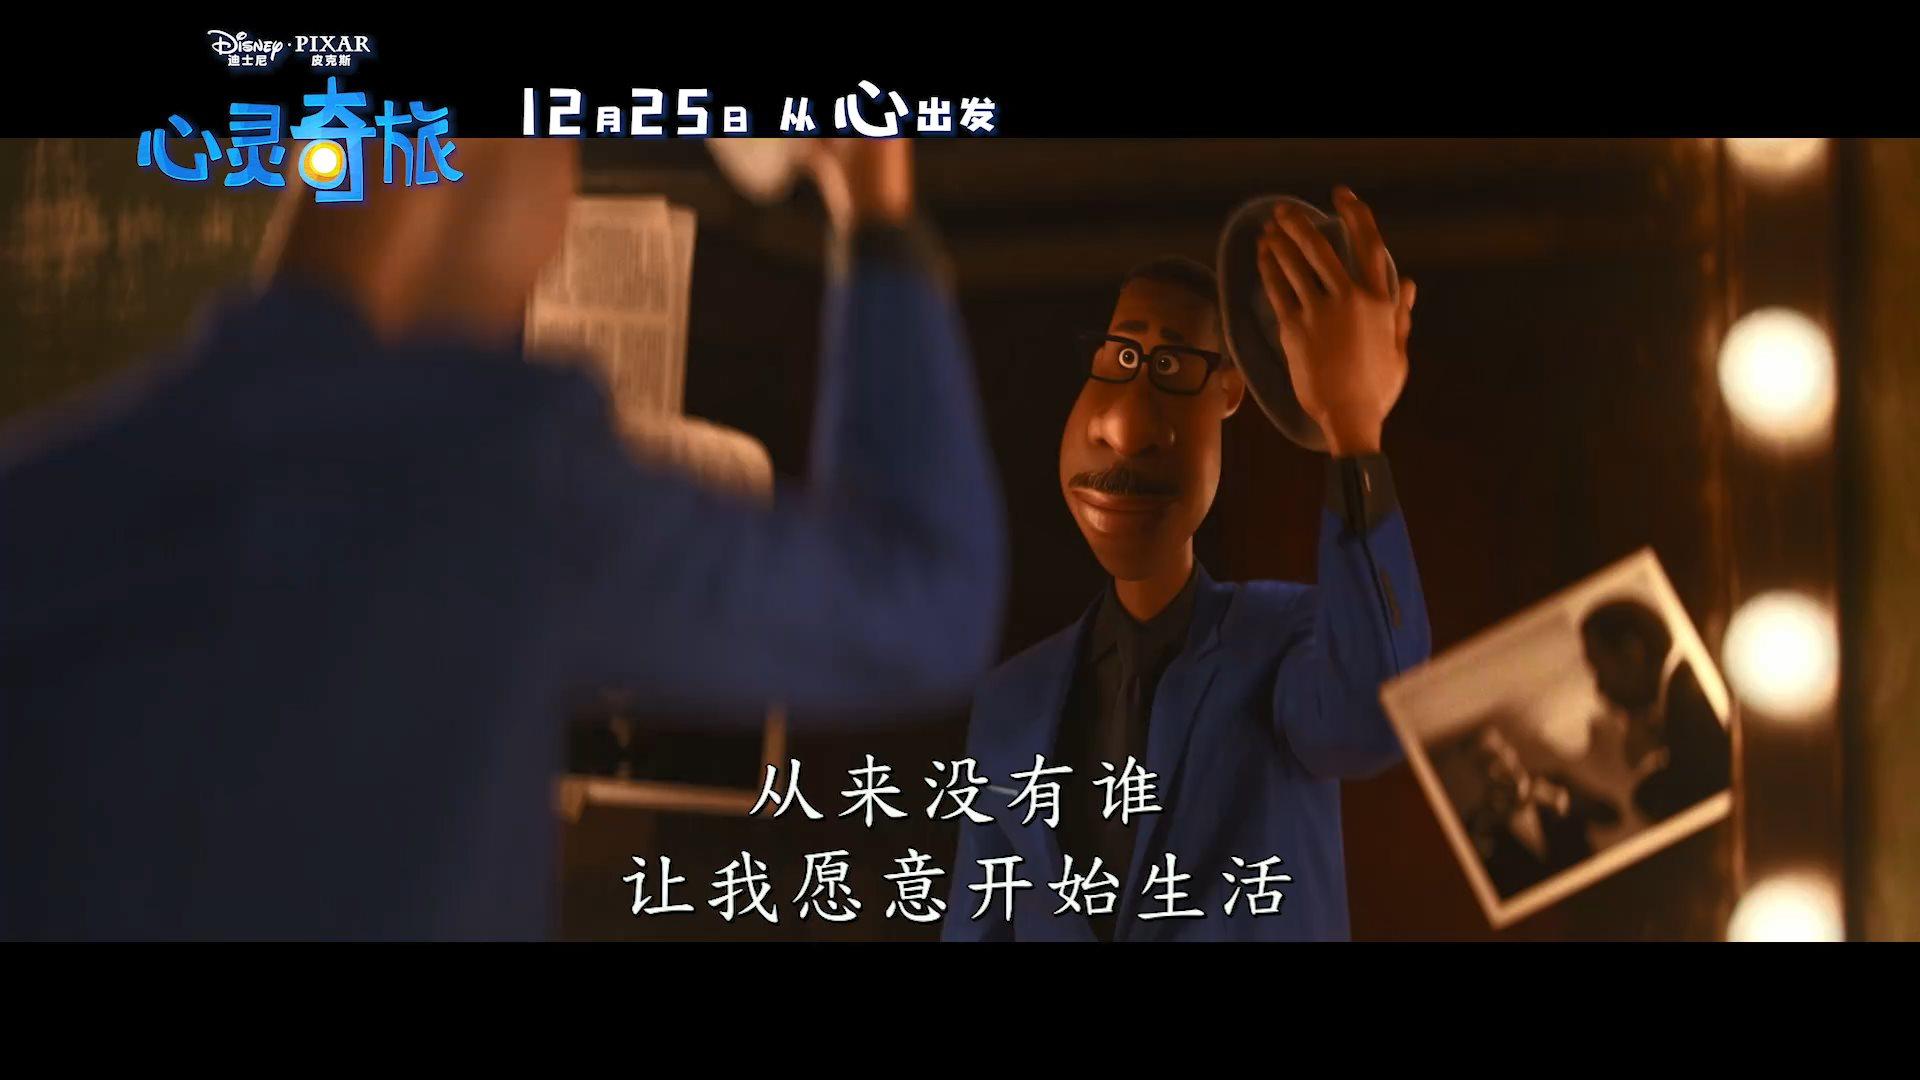 皮克斯「心灵奇旅」海内定档 12月25日院线上映